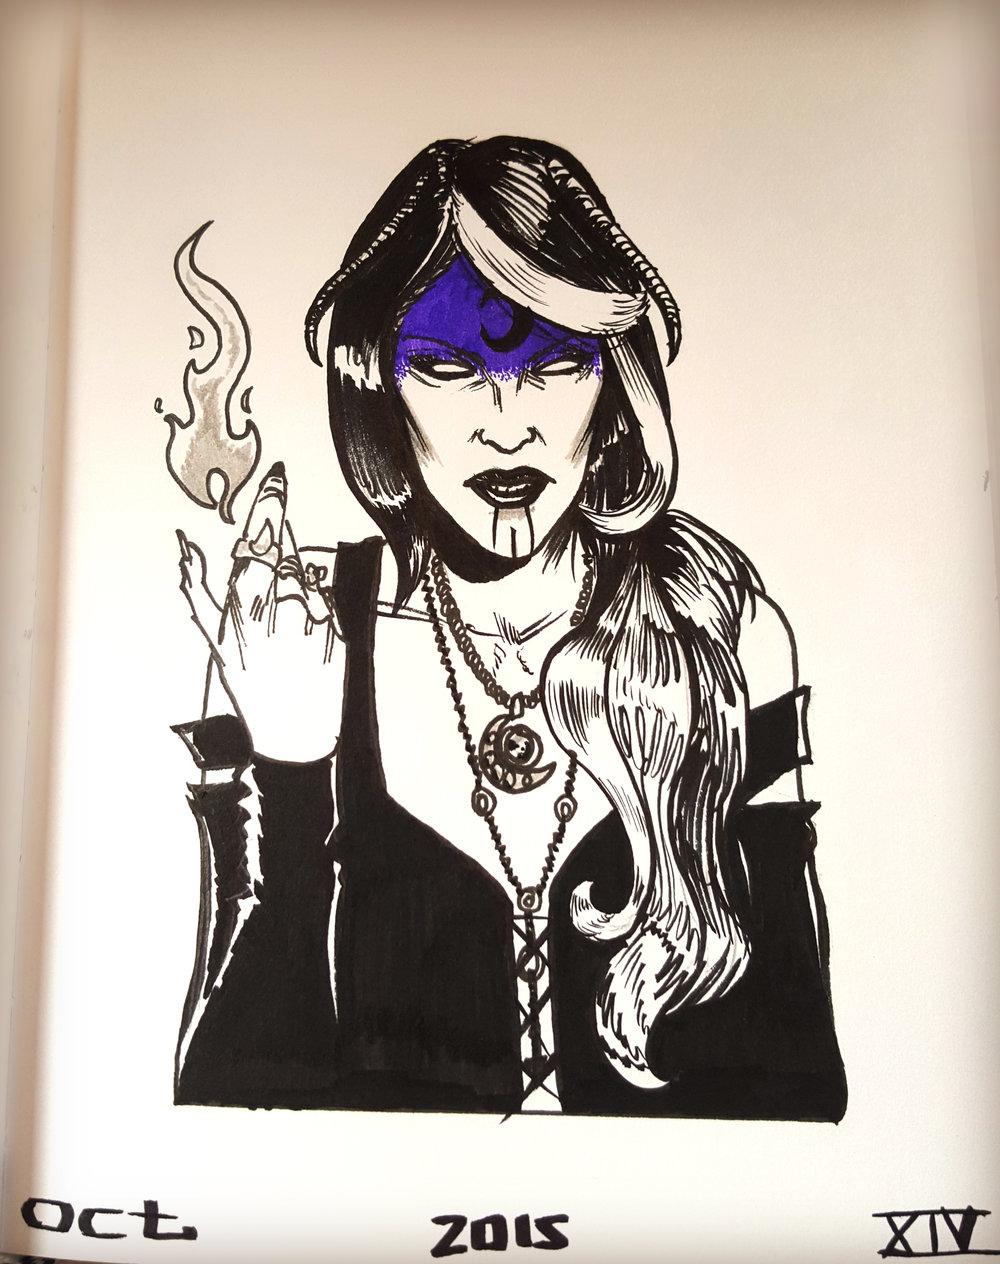 14_witch.jpg